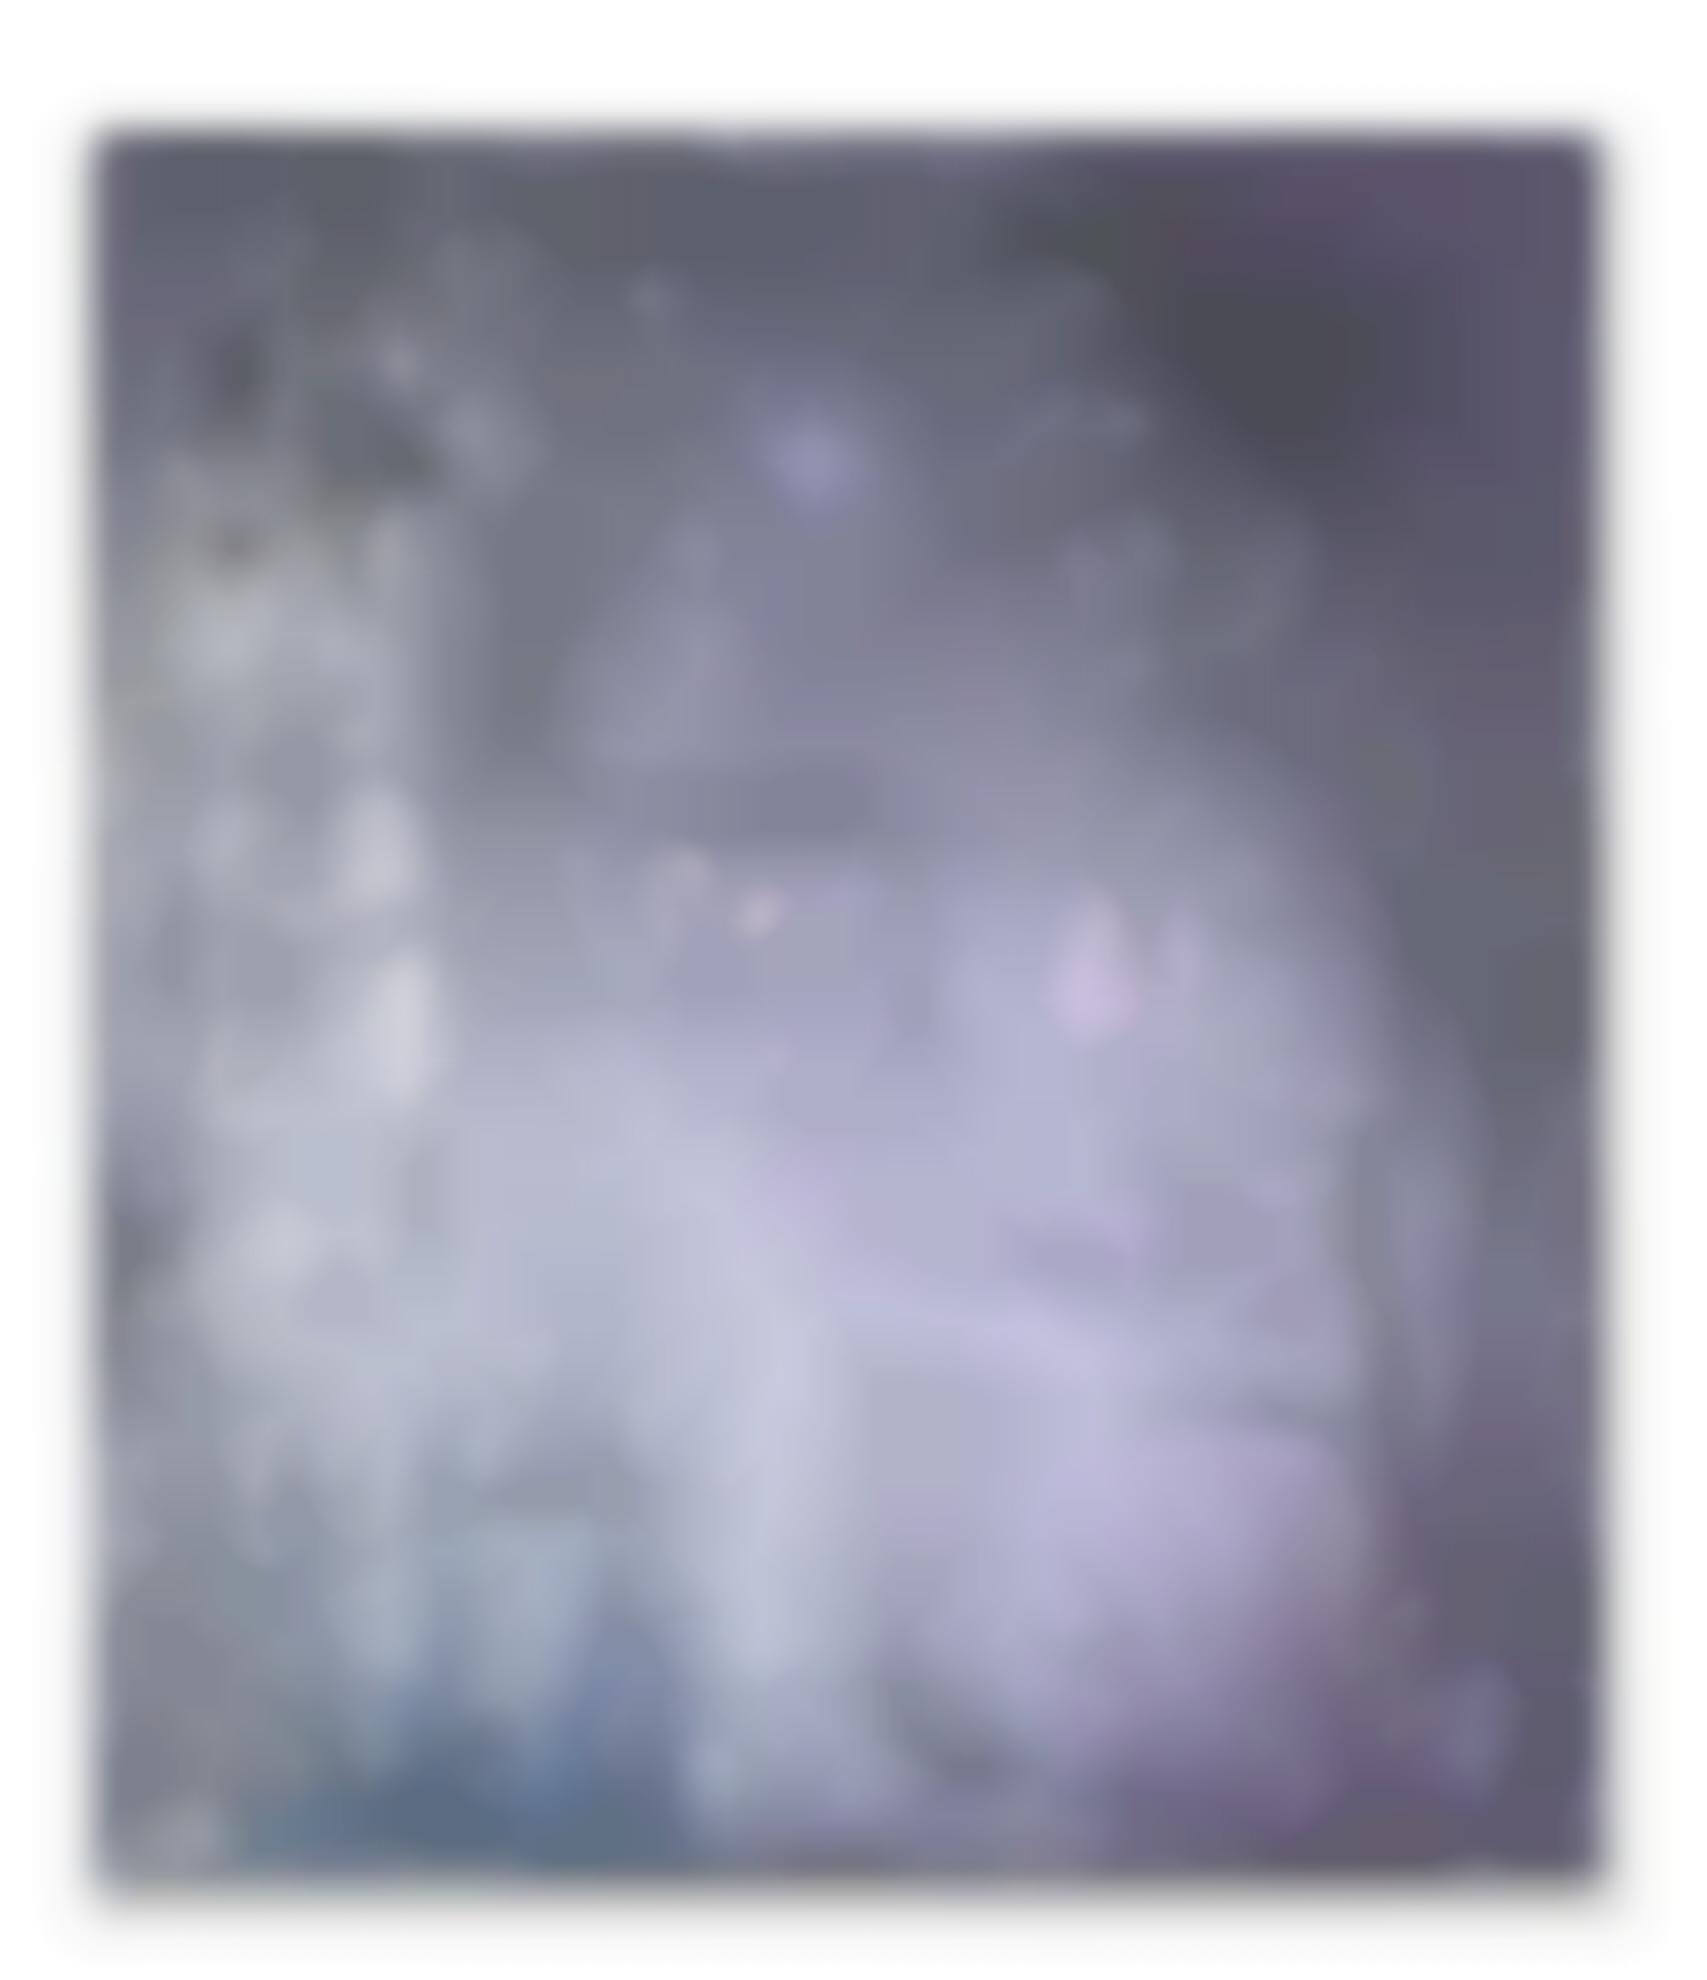 Jean-Baptiste Bernadet-Pursuit Of Happiness V-2011